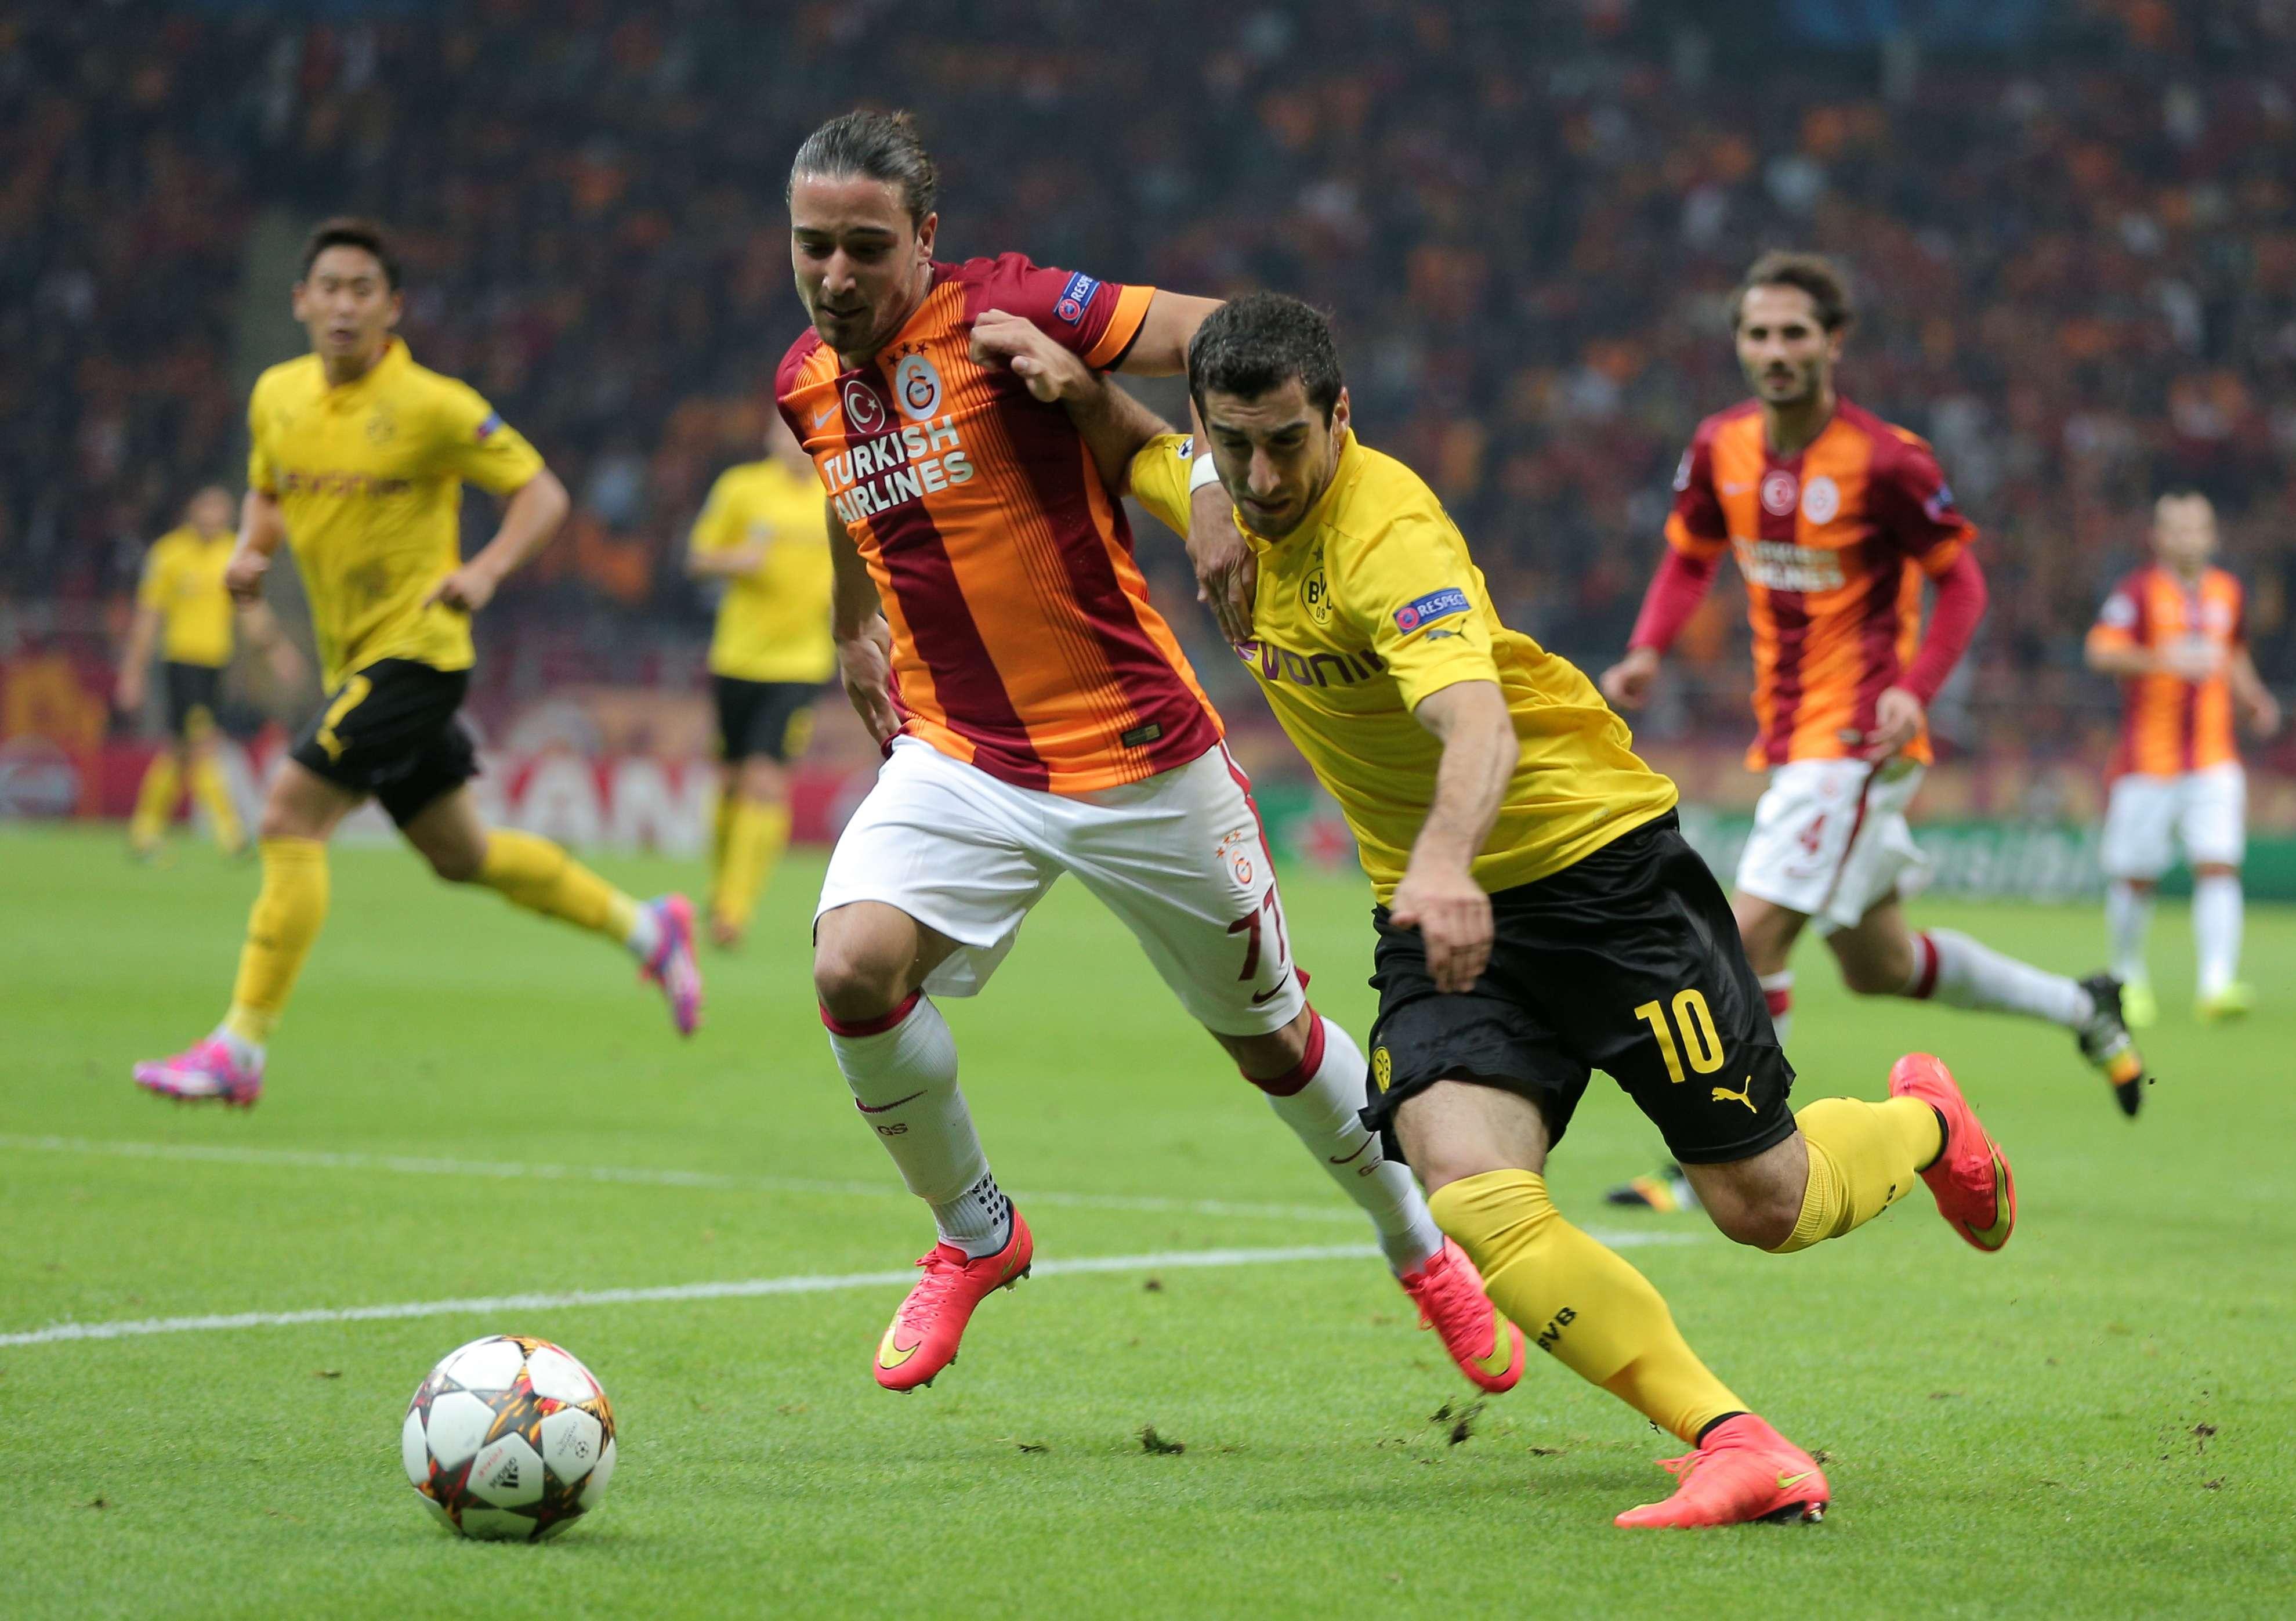 El Borussia Dortmund logró el triunfo de 4-0 ante Galatasaray en territorio turco. Foto: AP